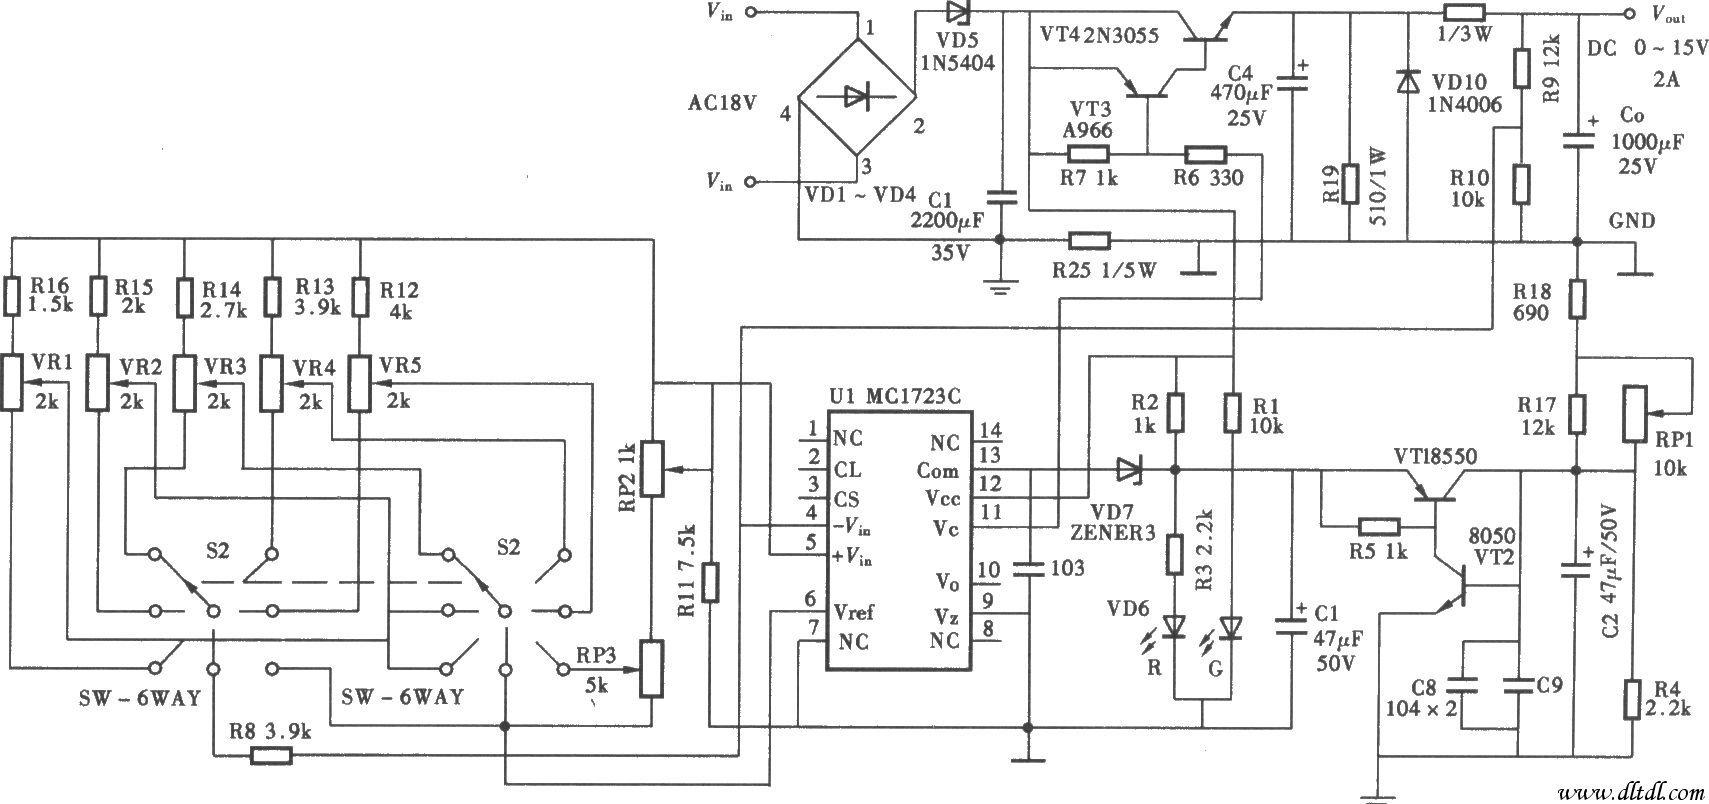 可调直流稳压电源是采用当前国际先进的高频调制技术,其工作原理是将